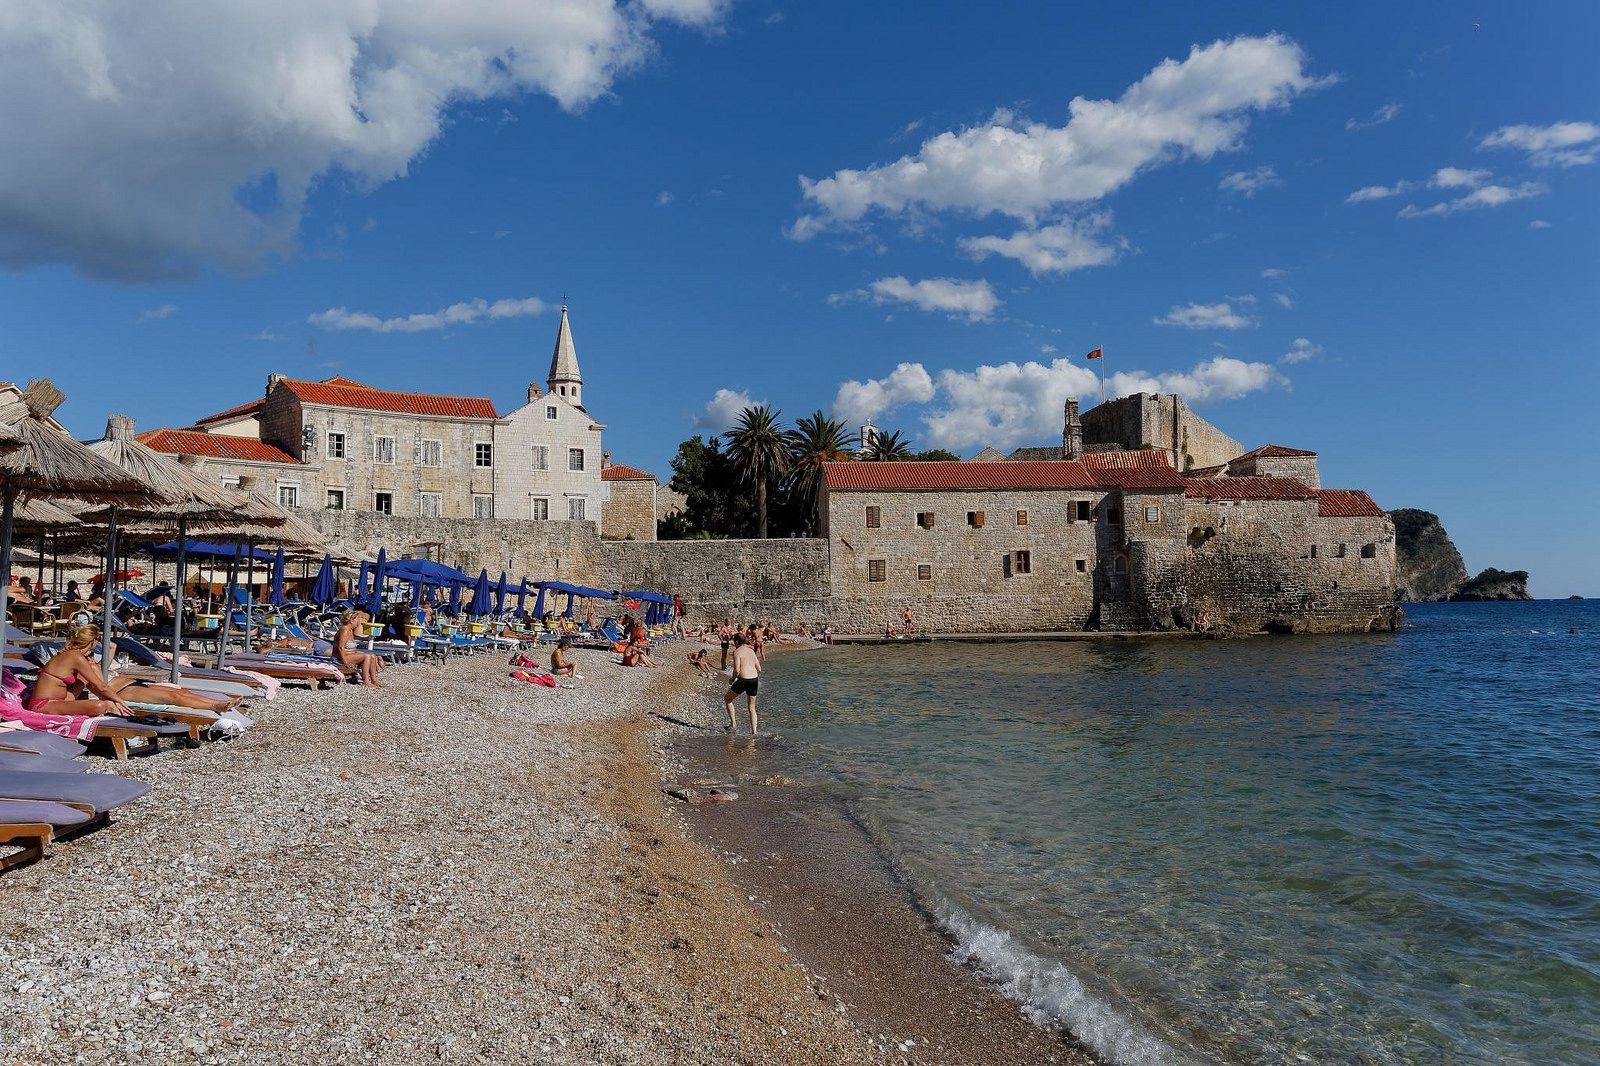 черногорье г будва фото дерева барельефы создают